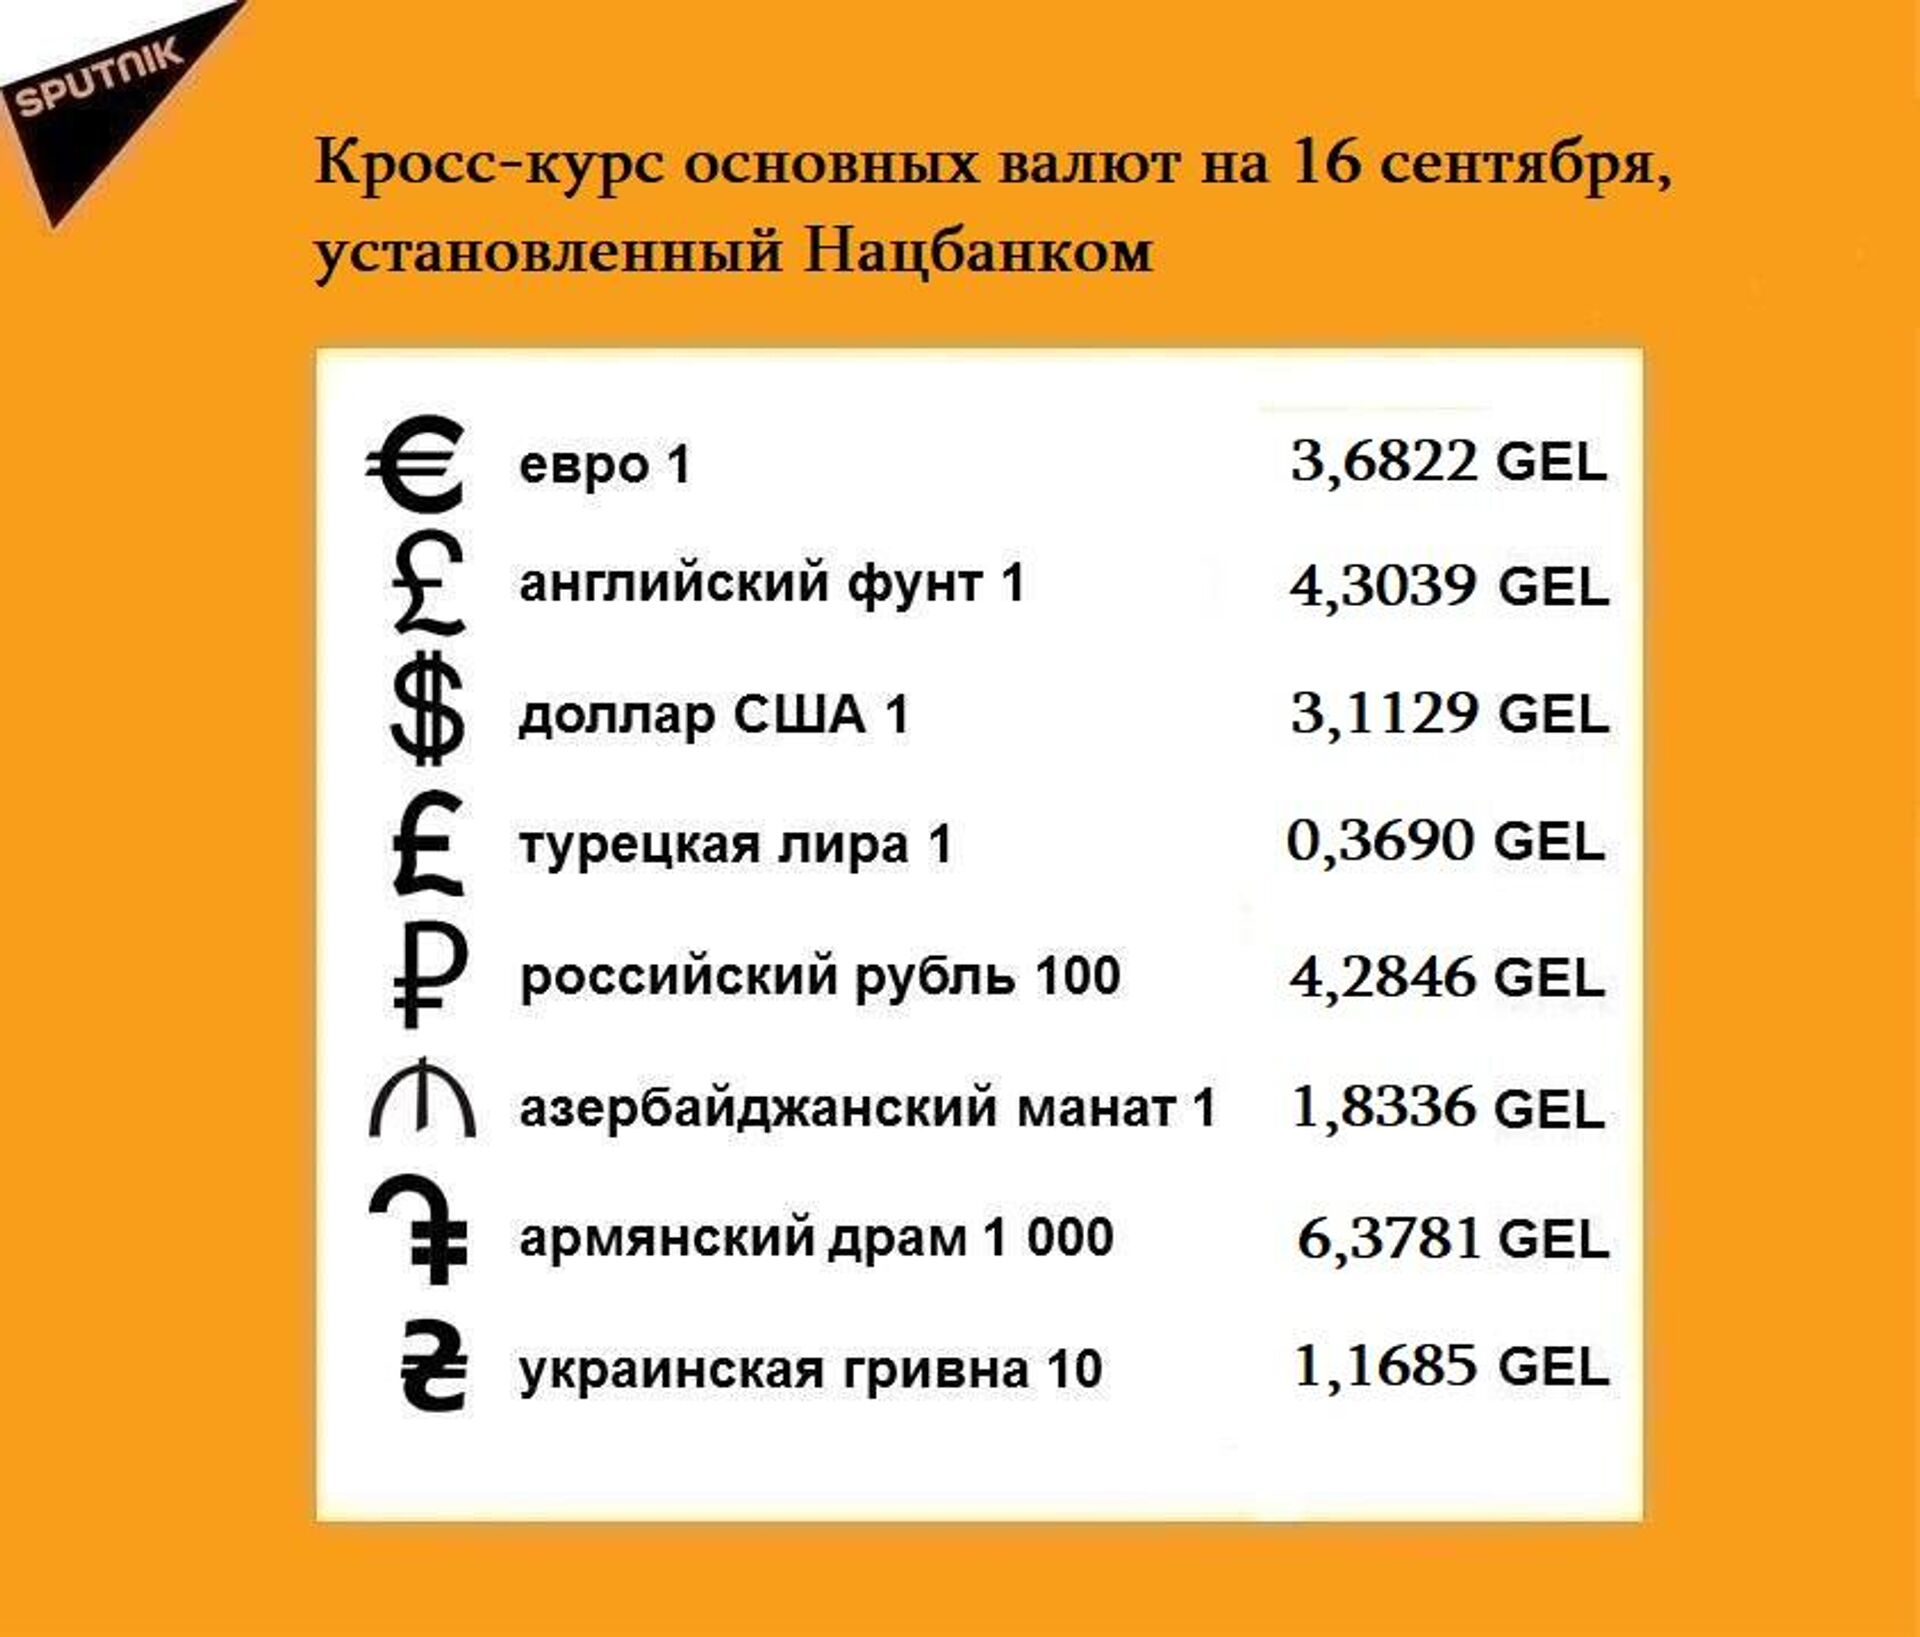 Кросс-курс основных валют на 16 сентября - Sputnik Грузия, 1920, 15.09.2021